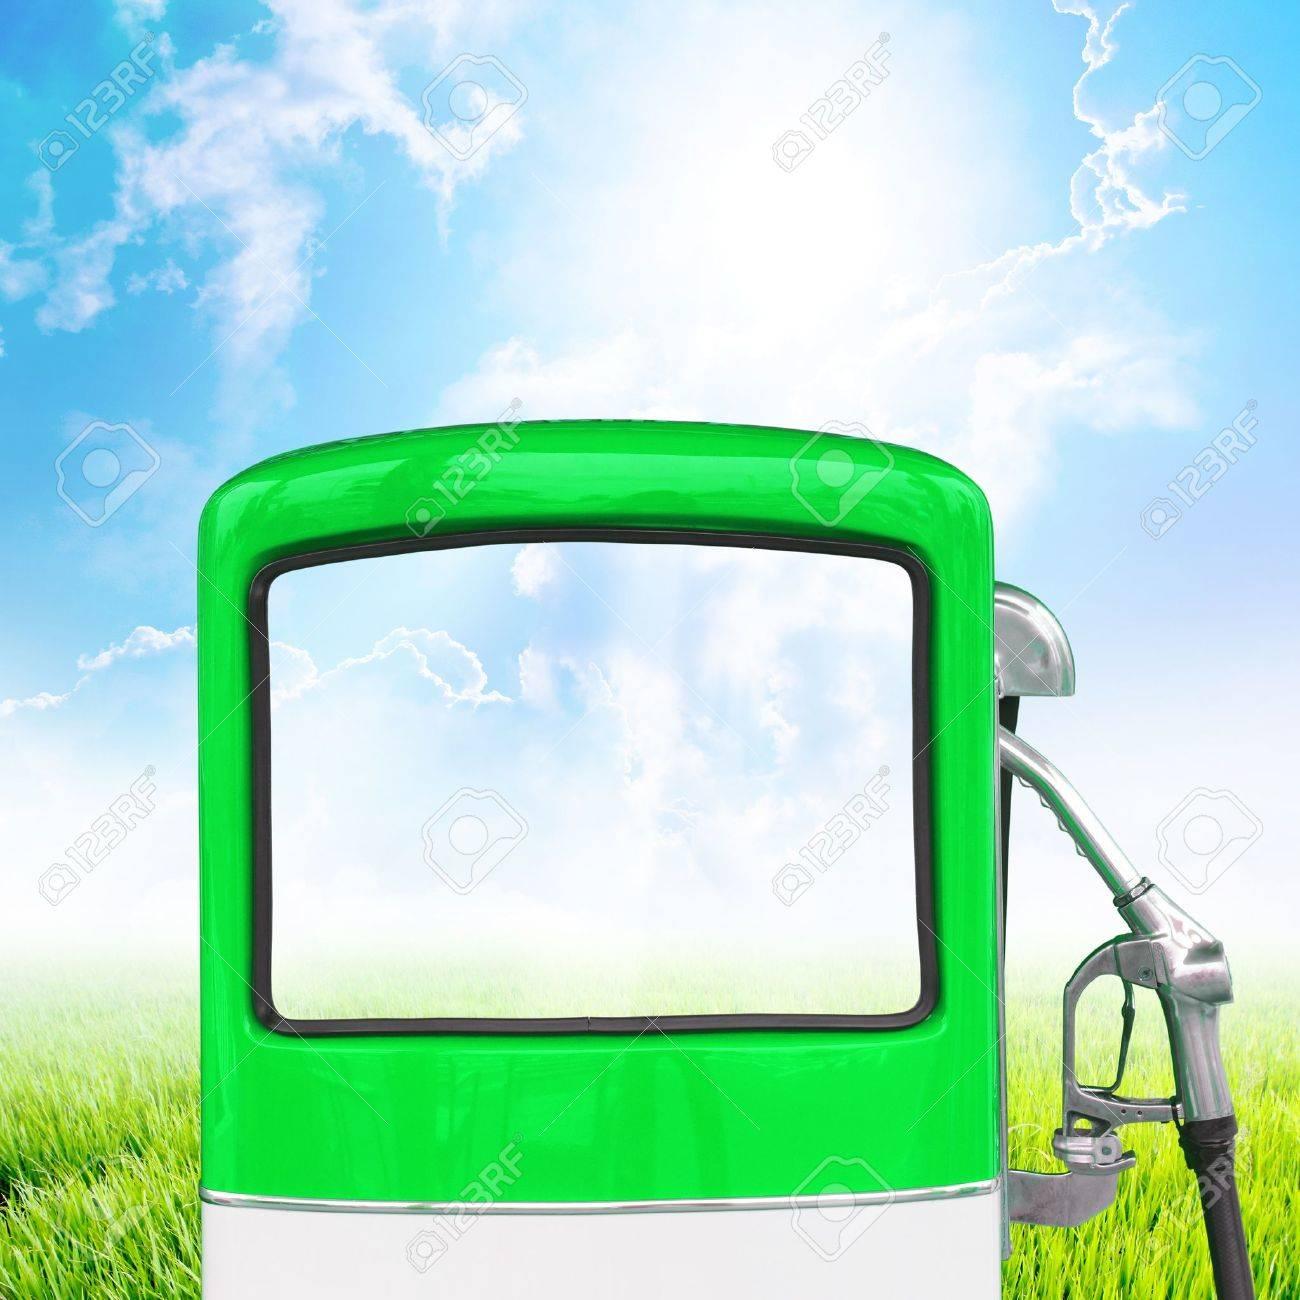 Gasoline fuel pump ecology concept Stock Photo - 14957260